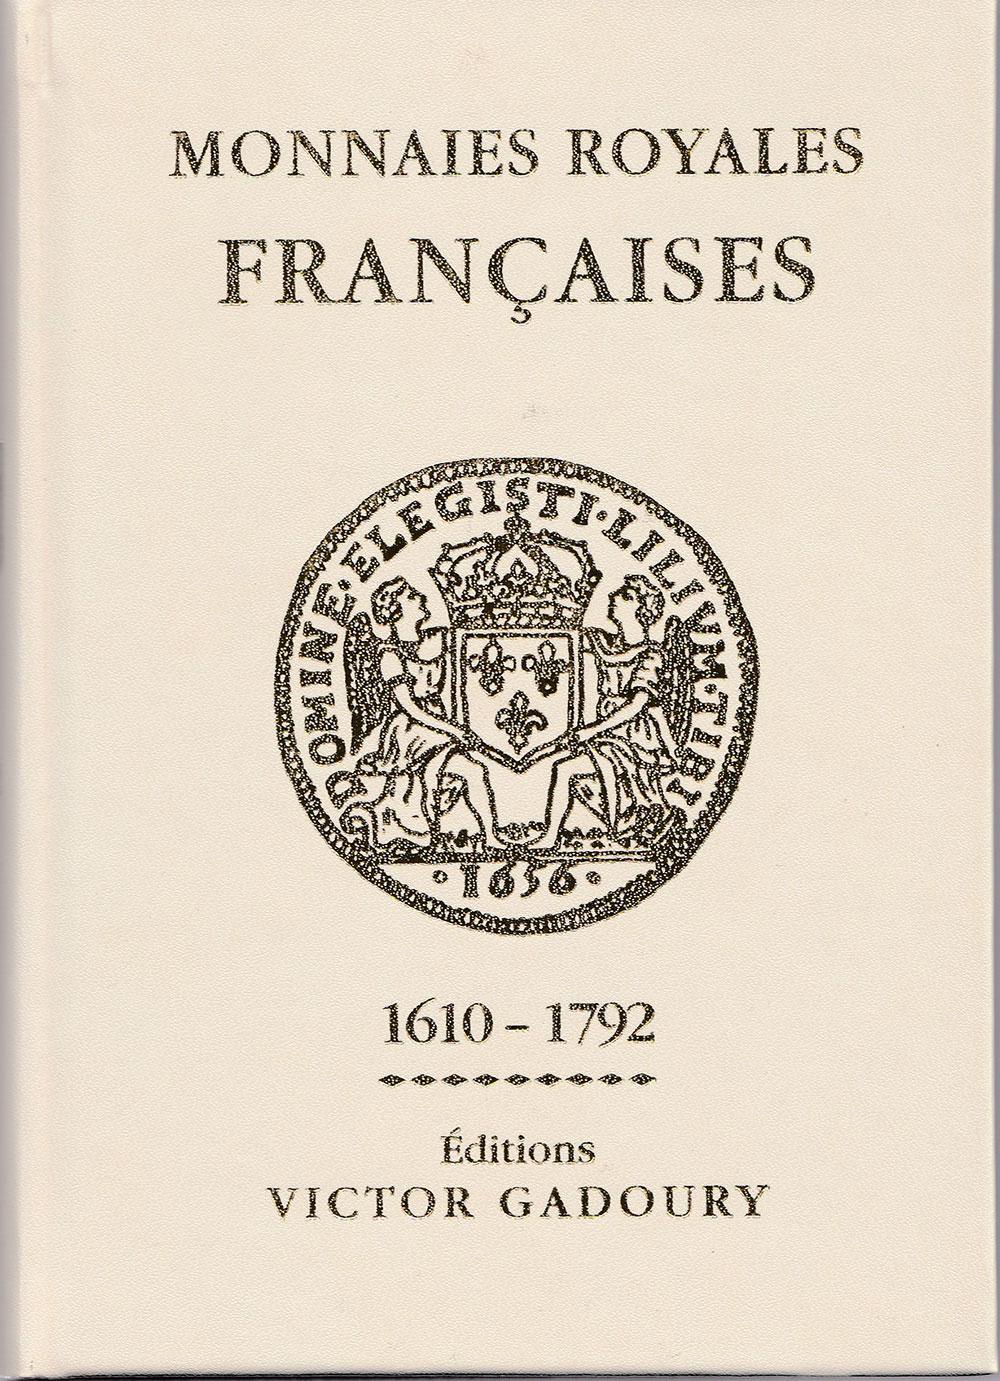 Couverture du livre Monnaies royales françaises 1610-1792 ou Gadoury blanc